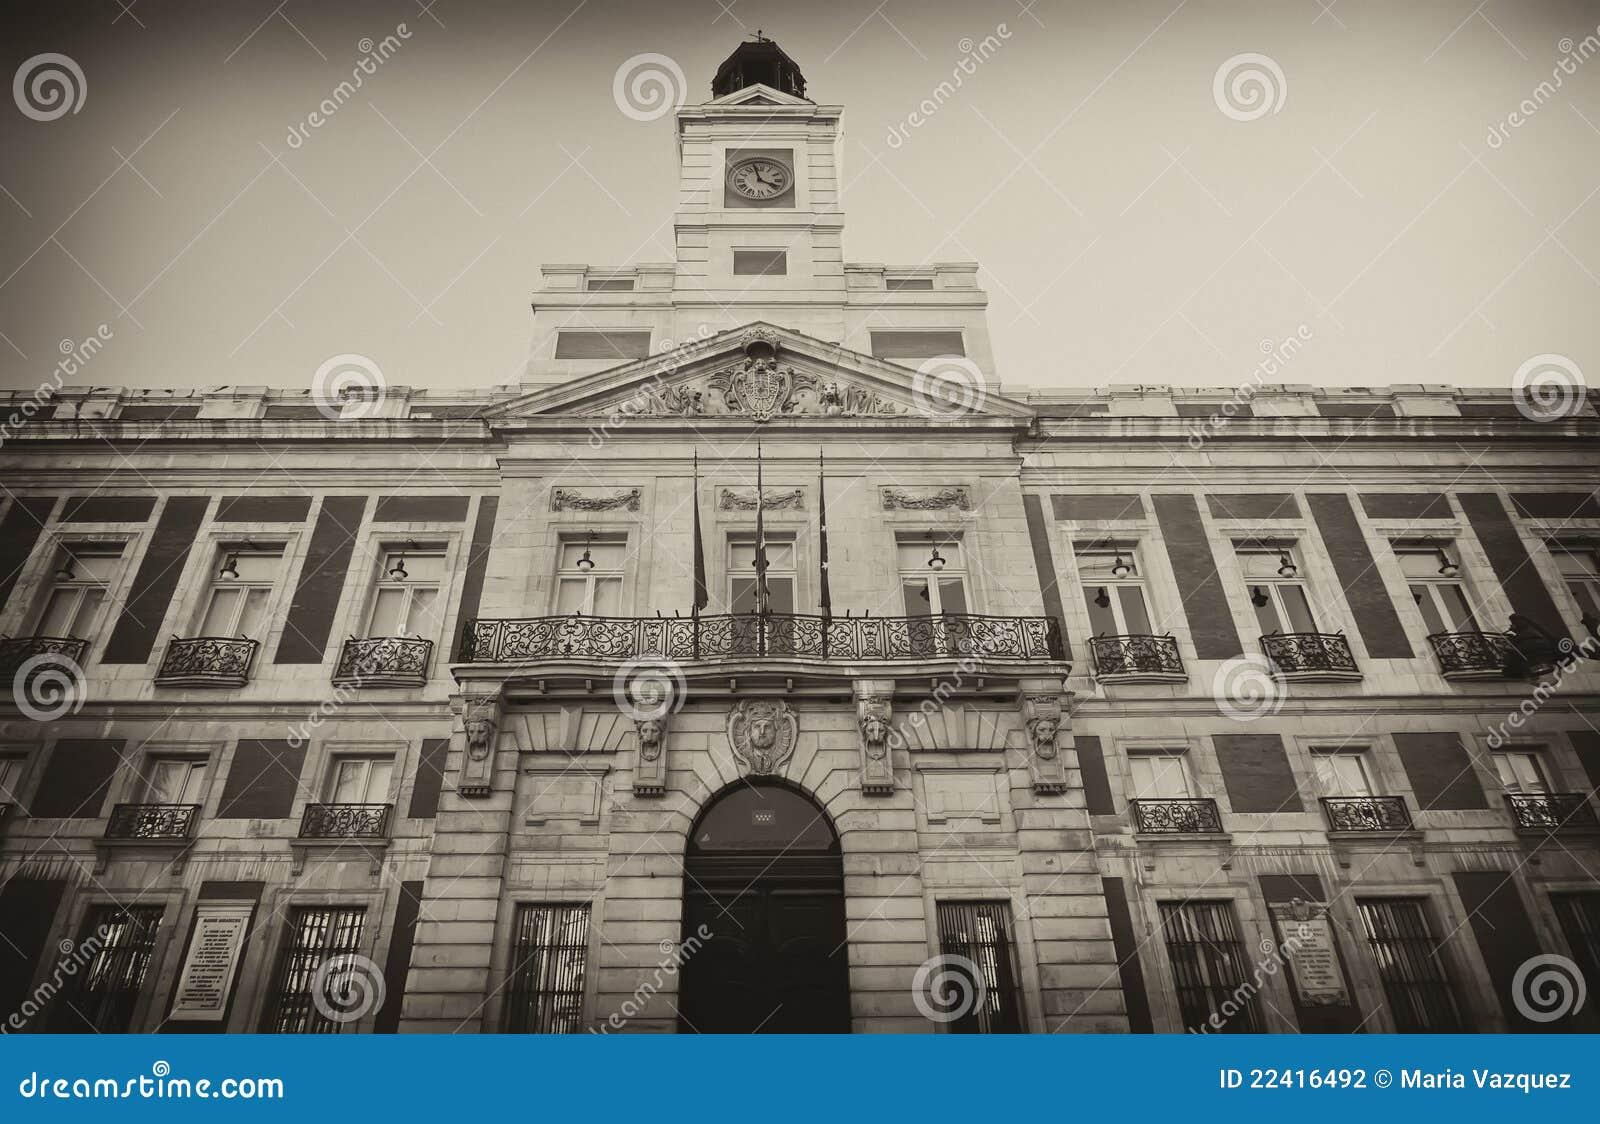 Building real casa de correos in madrid spain stock Casa del correo